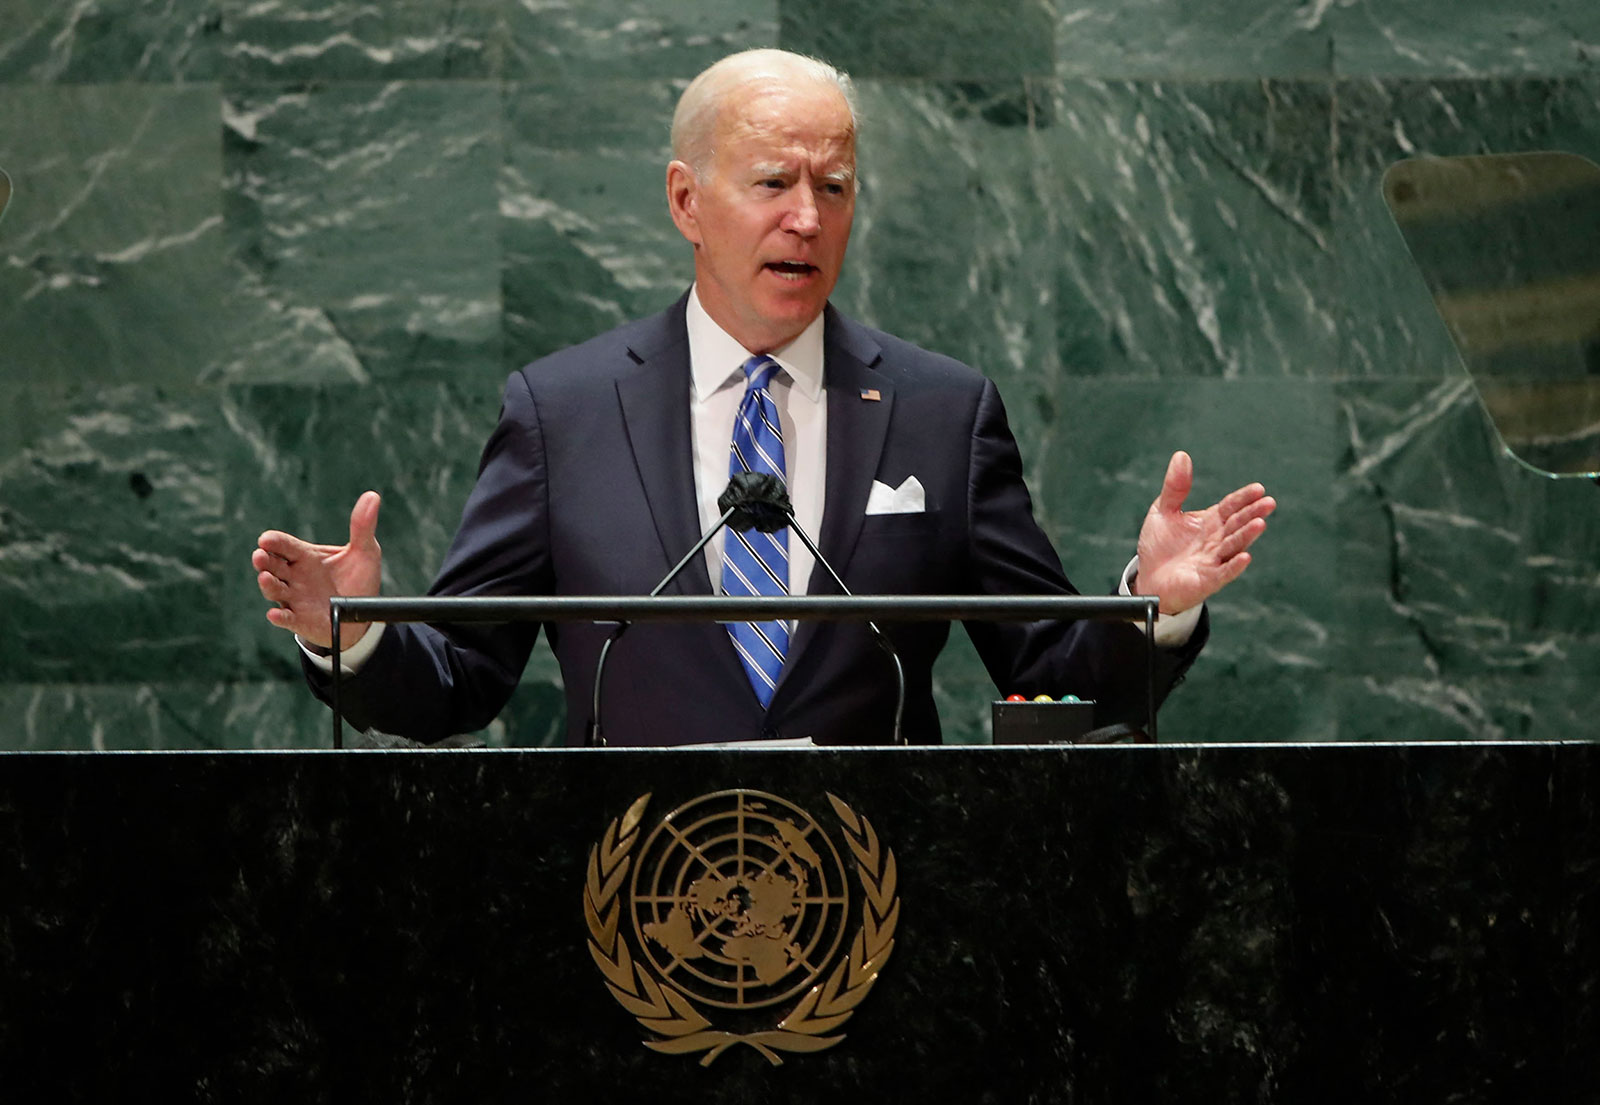 """拜登首次在联大演讲 果然宣称""""美国不寻求新冷战"""""""